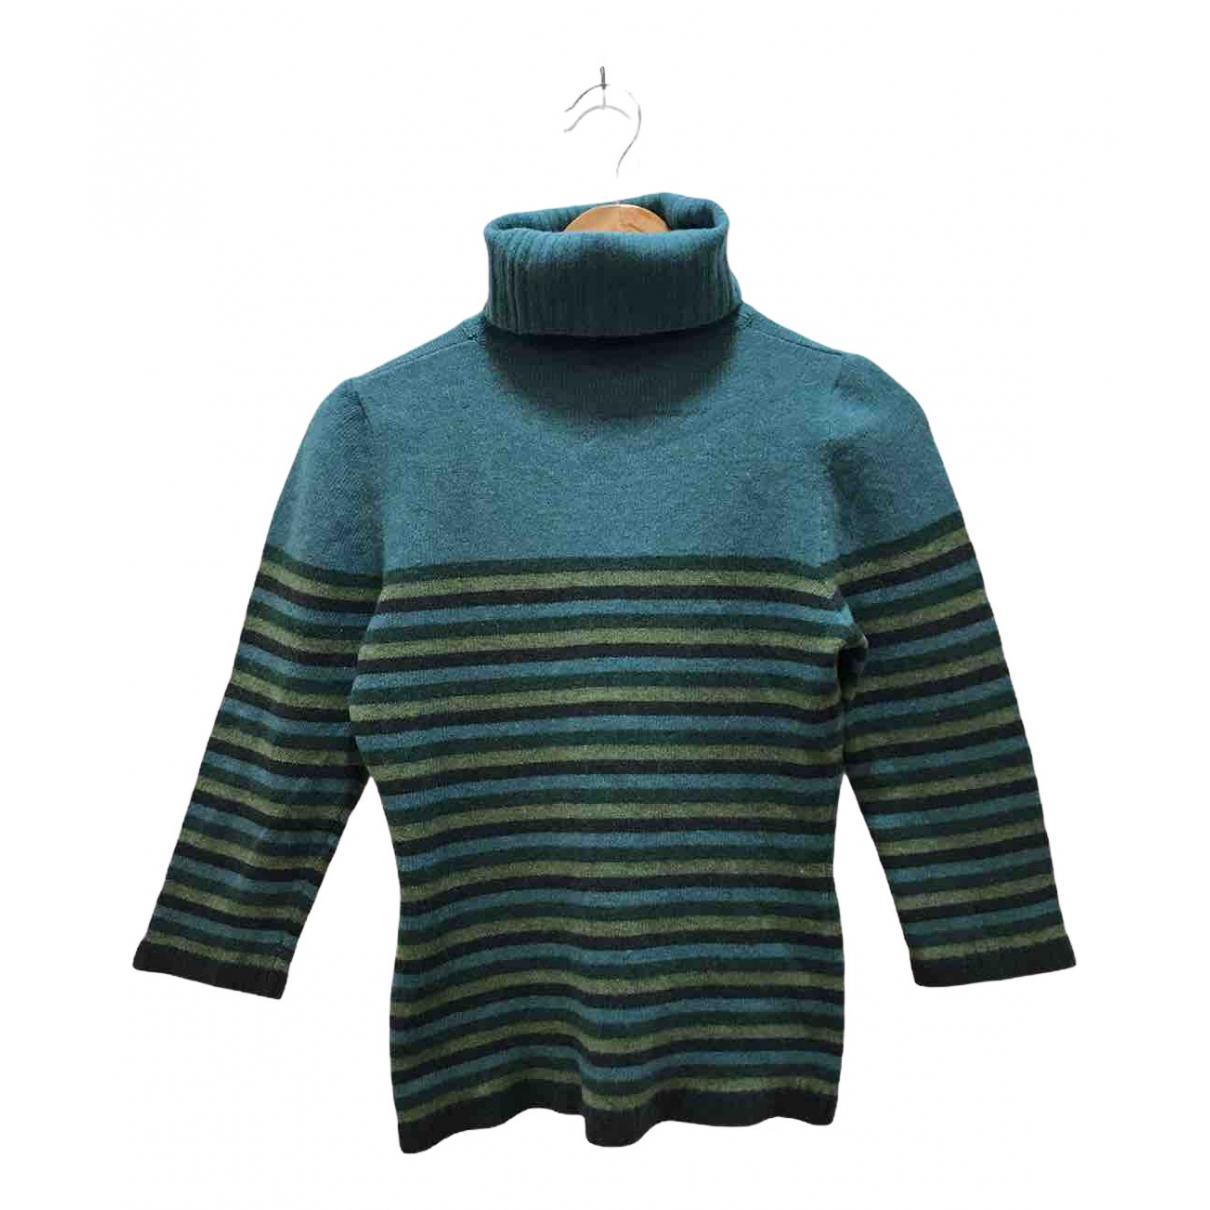 Isabel Marant N Green Cotton Knitwear for Women 32 FR